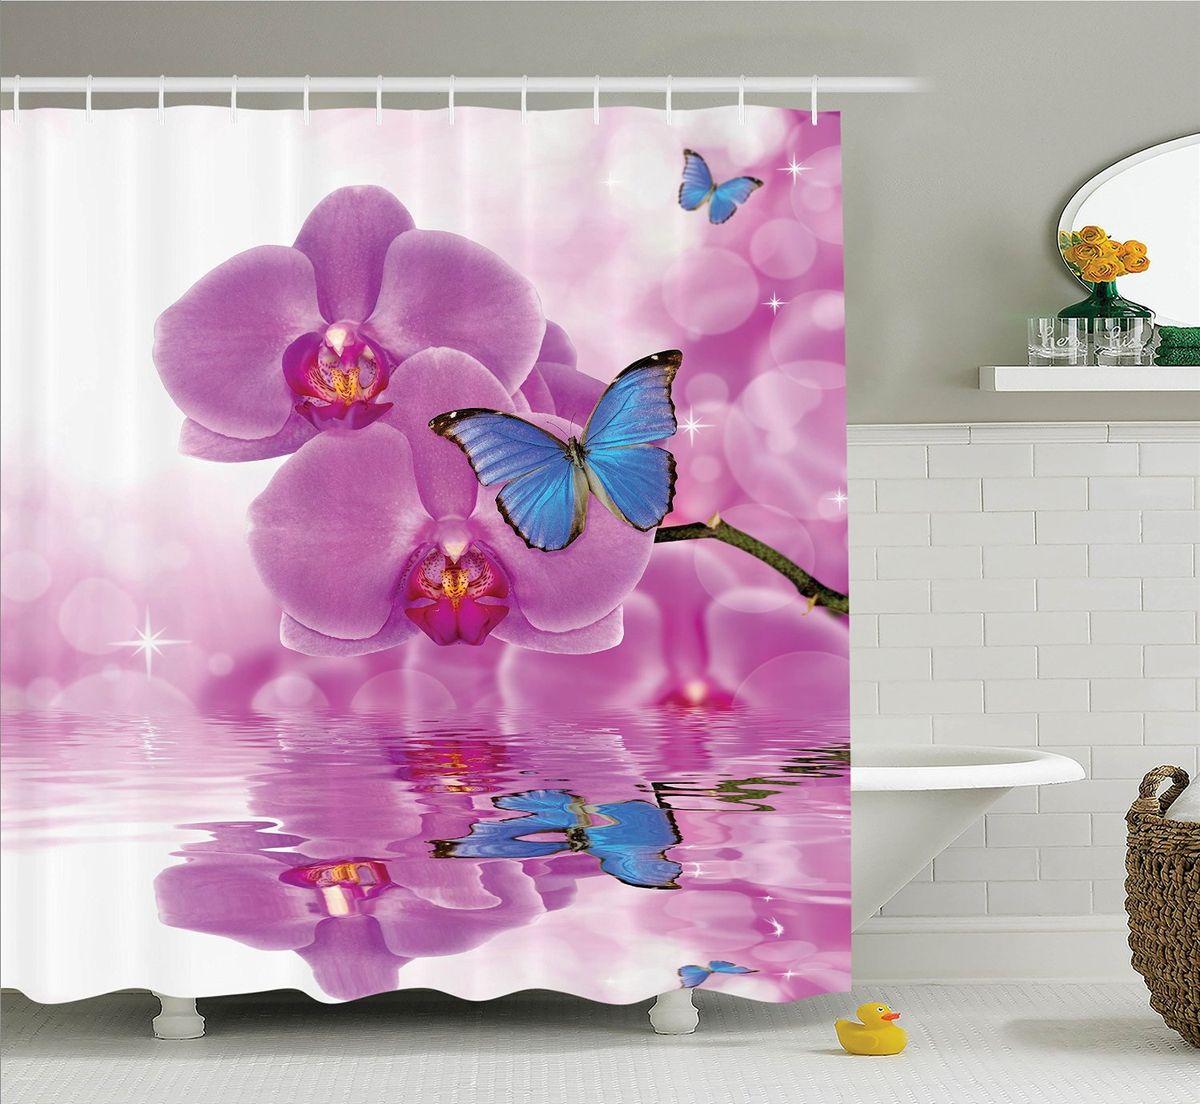 Штора для ванной комнаты Magic Lady Бабочки на цветах орхидеи, 180 х 200 см531-105Компания Сэмболь изготавливает шторы из высококачественного сатена (полиэстер 100%). При изготовлении используются специальные гипоаллергенные чернила для прямой печати по ткани, безопасные для человека и животных. Экологичность продукции Magic lady и безопасность для окружающей среды подтверждены сертификатом Oeko-Tex Standard 100. Крепление: крючки (12 шт.). Внимание! При нанесении сублимационной печати на ткань технологическим методом при температуре 240 С, возможно отклонение полученных размеров, указанных на этикетке и сайте, от стандартных на + - 3-5 см. Мы стараемся максимально точно передать цвета изделия на наших фотографиях, однако искажения неизбежны и фактический цвет изделия может отличаться от воспринимаемого по фото. Обратите внимание! Шторы изготовлены из полиэстра сатенового переплетения, а не из сатина (хлопок). Размер шторы 180*200 см. В комплекте 1 штора и 12 крючков.